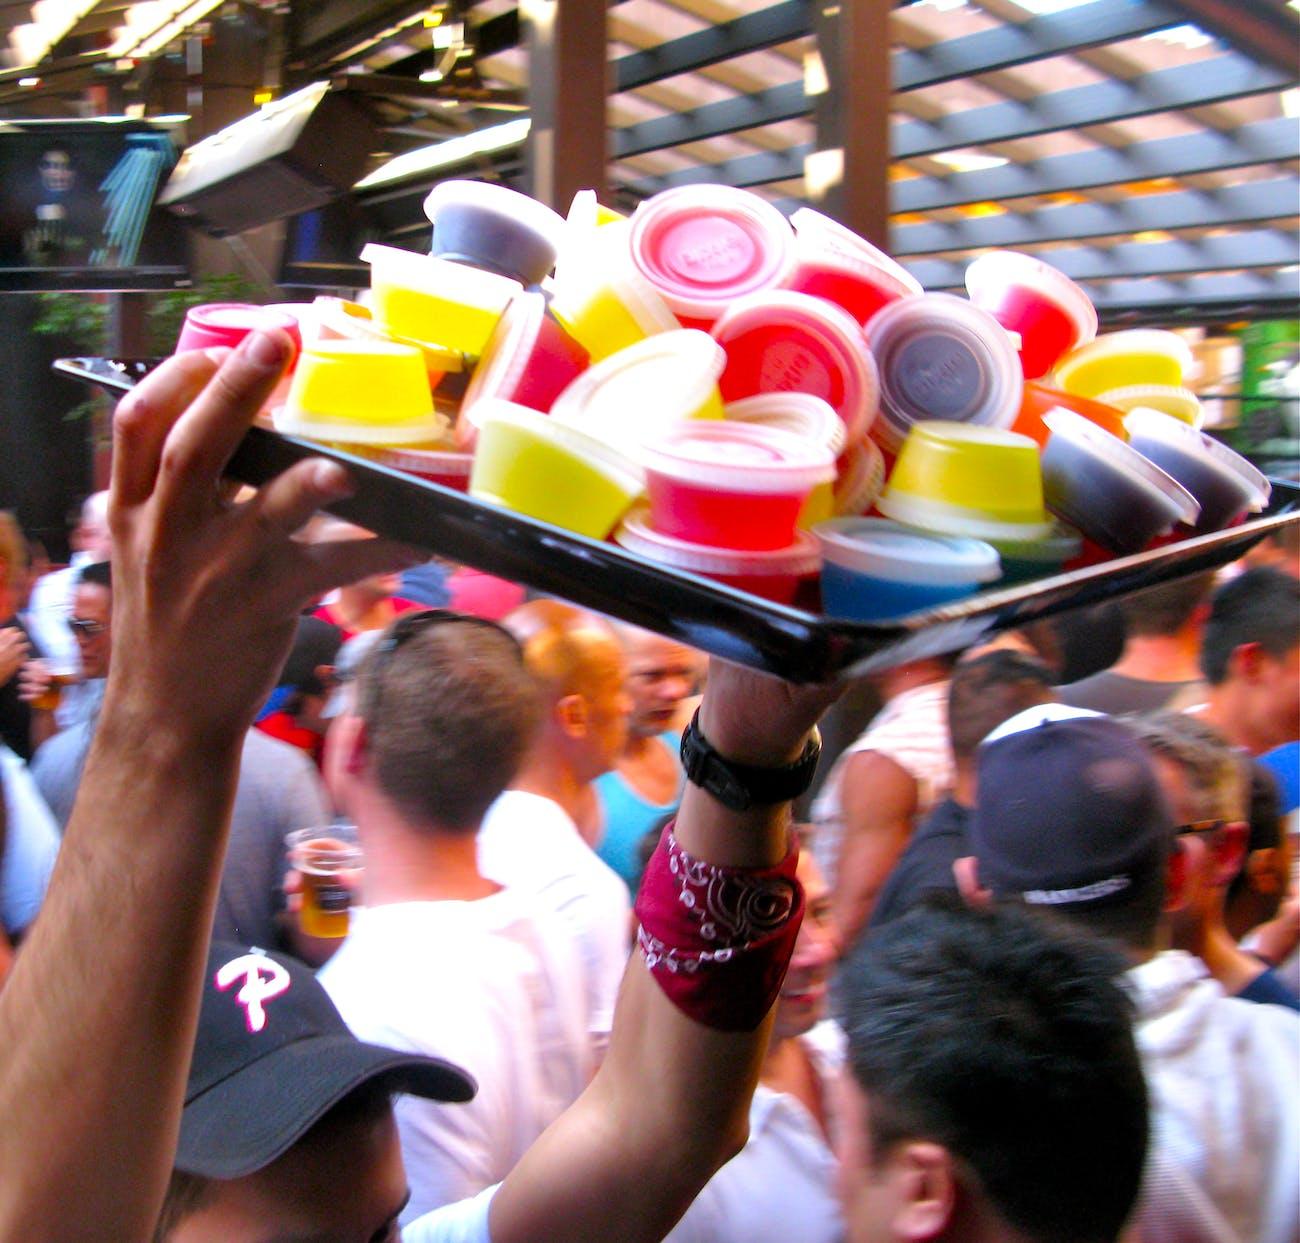 vodka jello shots for the rainbow boys : toad hall, castro, san francisco (2012)